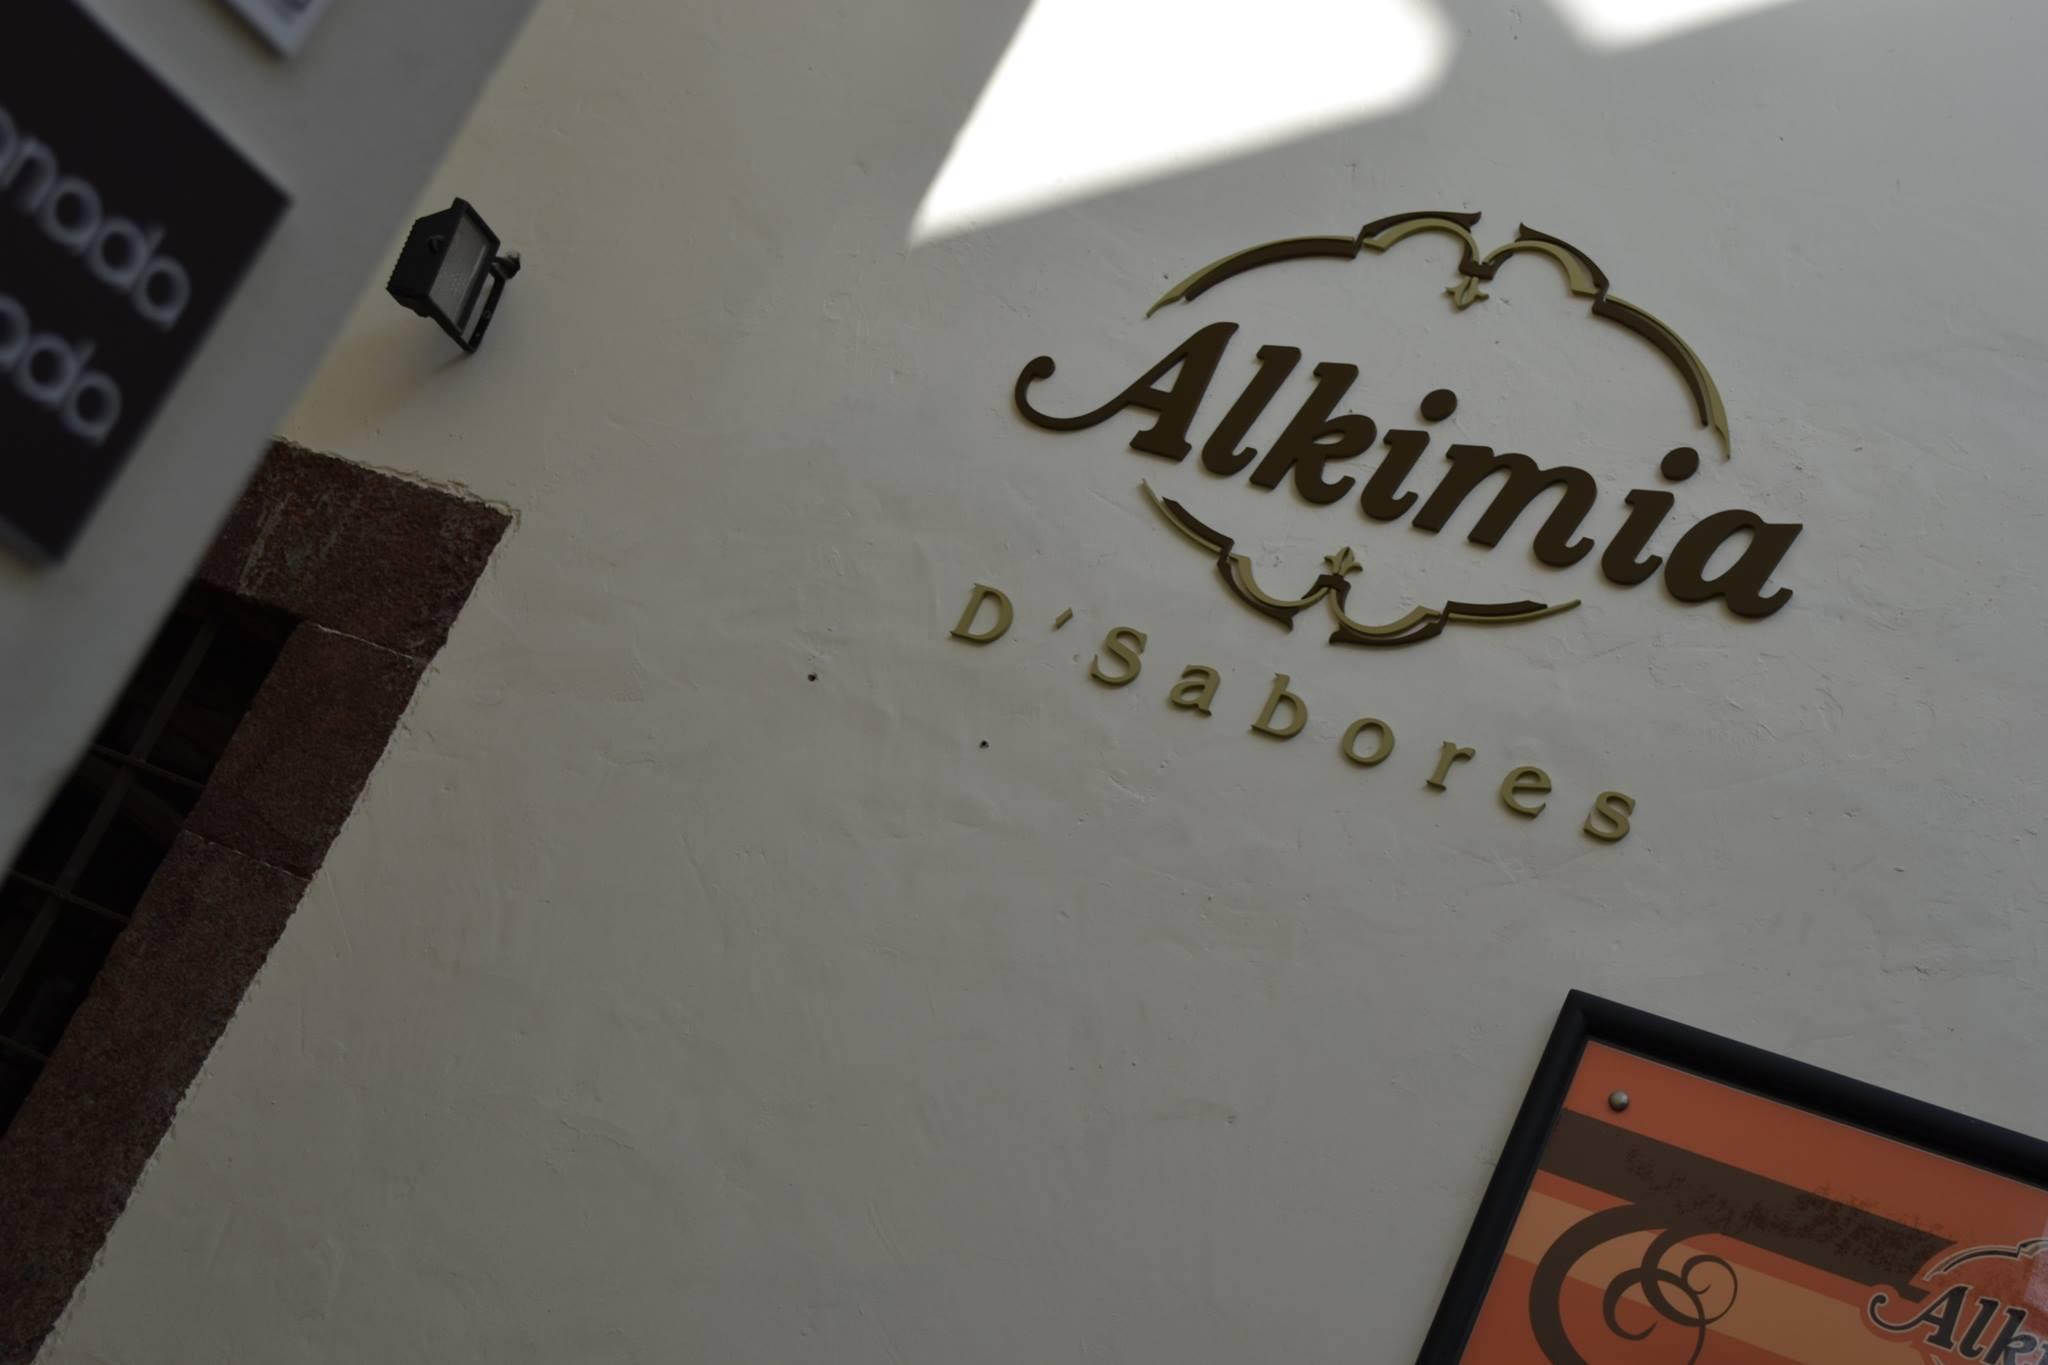 Alkimia D'Sabores